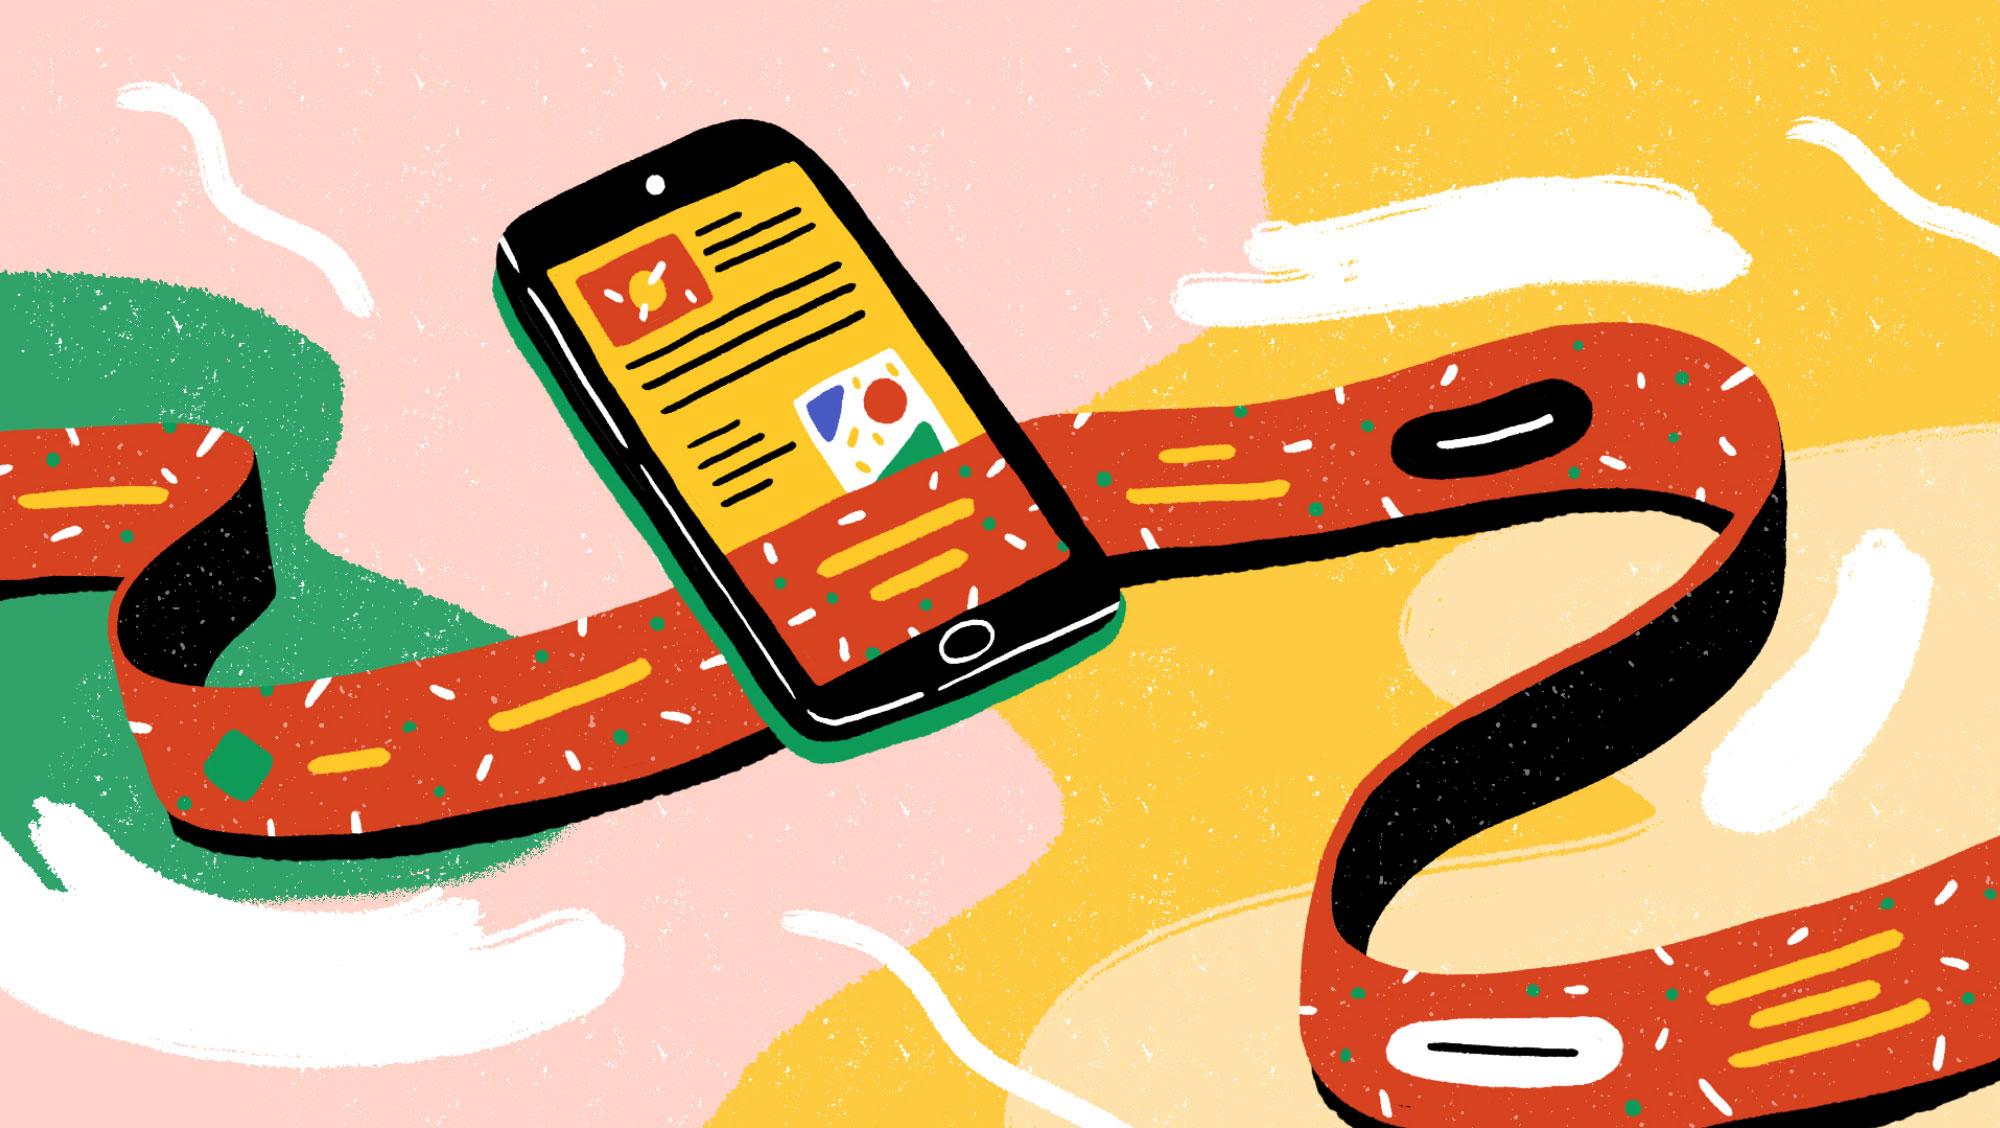 Interactive scroll, la publicité digitale, c'est quand le pouvoir est dans le doigt.